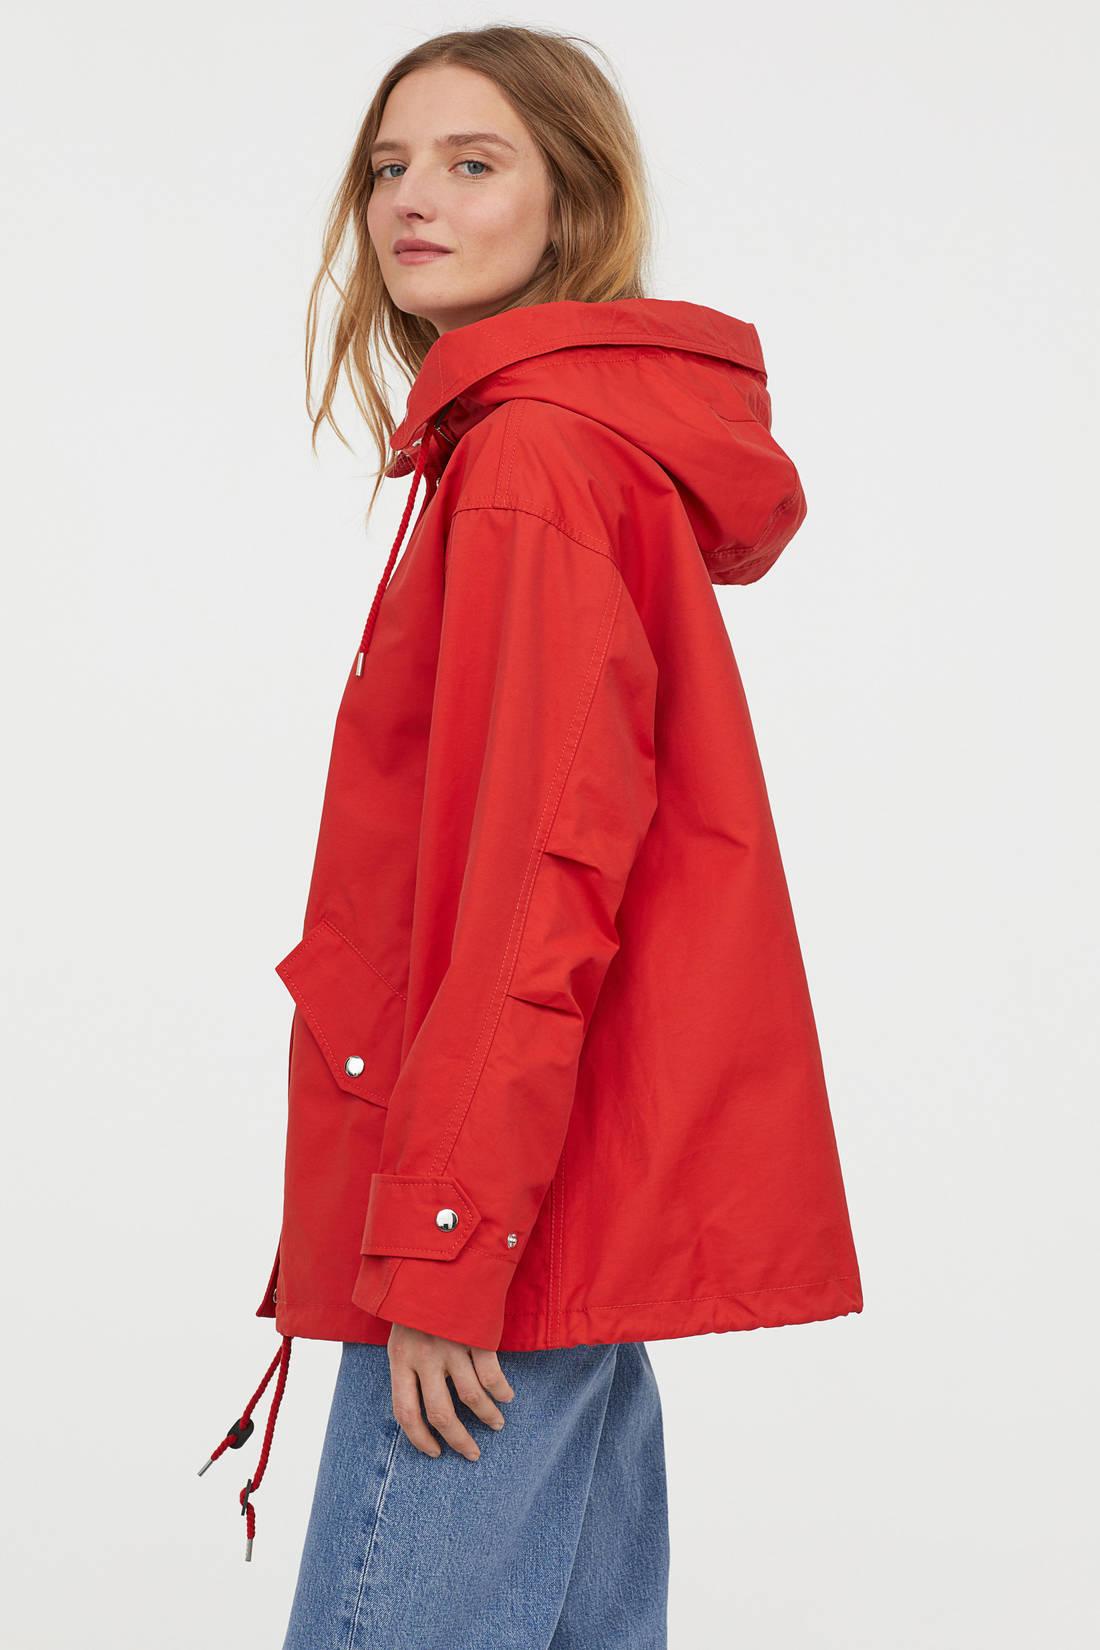 Незаменимая куртка парка. Самые модные модели. Фото стильных образов